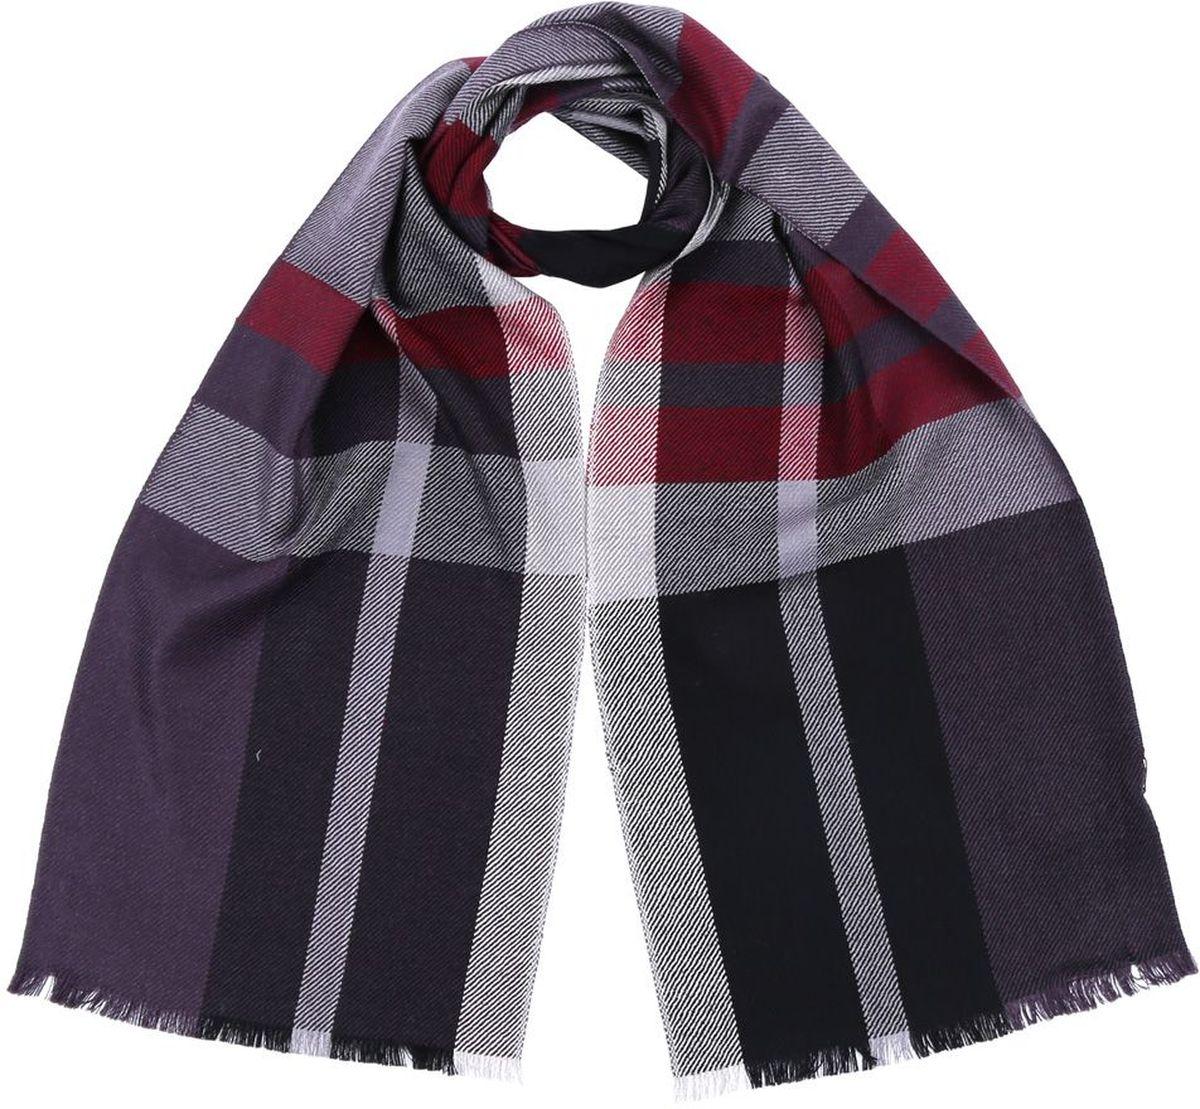 2874-11Мужской шарф от итальянского бренда Fabretti выполнен из натуральной шерсти с мерсеризированной нитью, которая придает изделию неповторимую мягкость и шелковистость фактуры. Дизайнерское соединение серого, черного и яркого бордового цвета превратит ваш образ в самый стильный и элегантный в любой компании. Модная клетка и стильные реснички, которыми обработаны края изделия, подчеркнут ваш индивидуальный стиль.